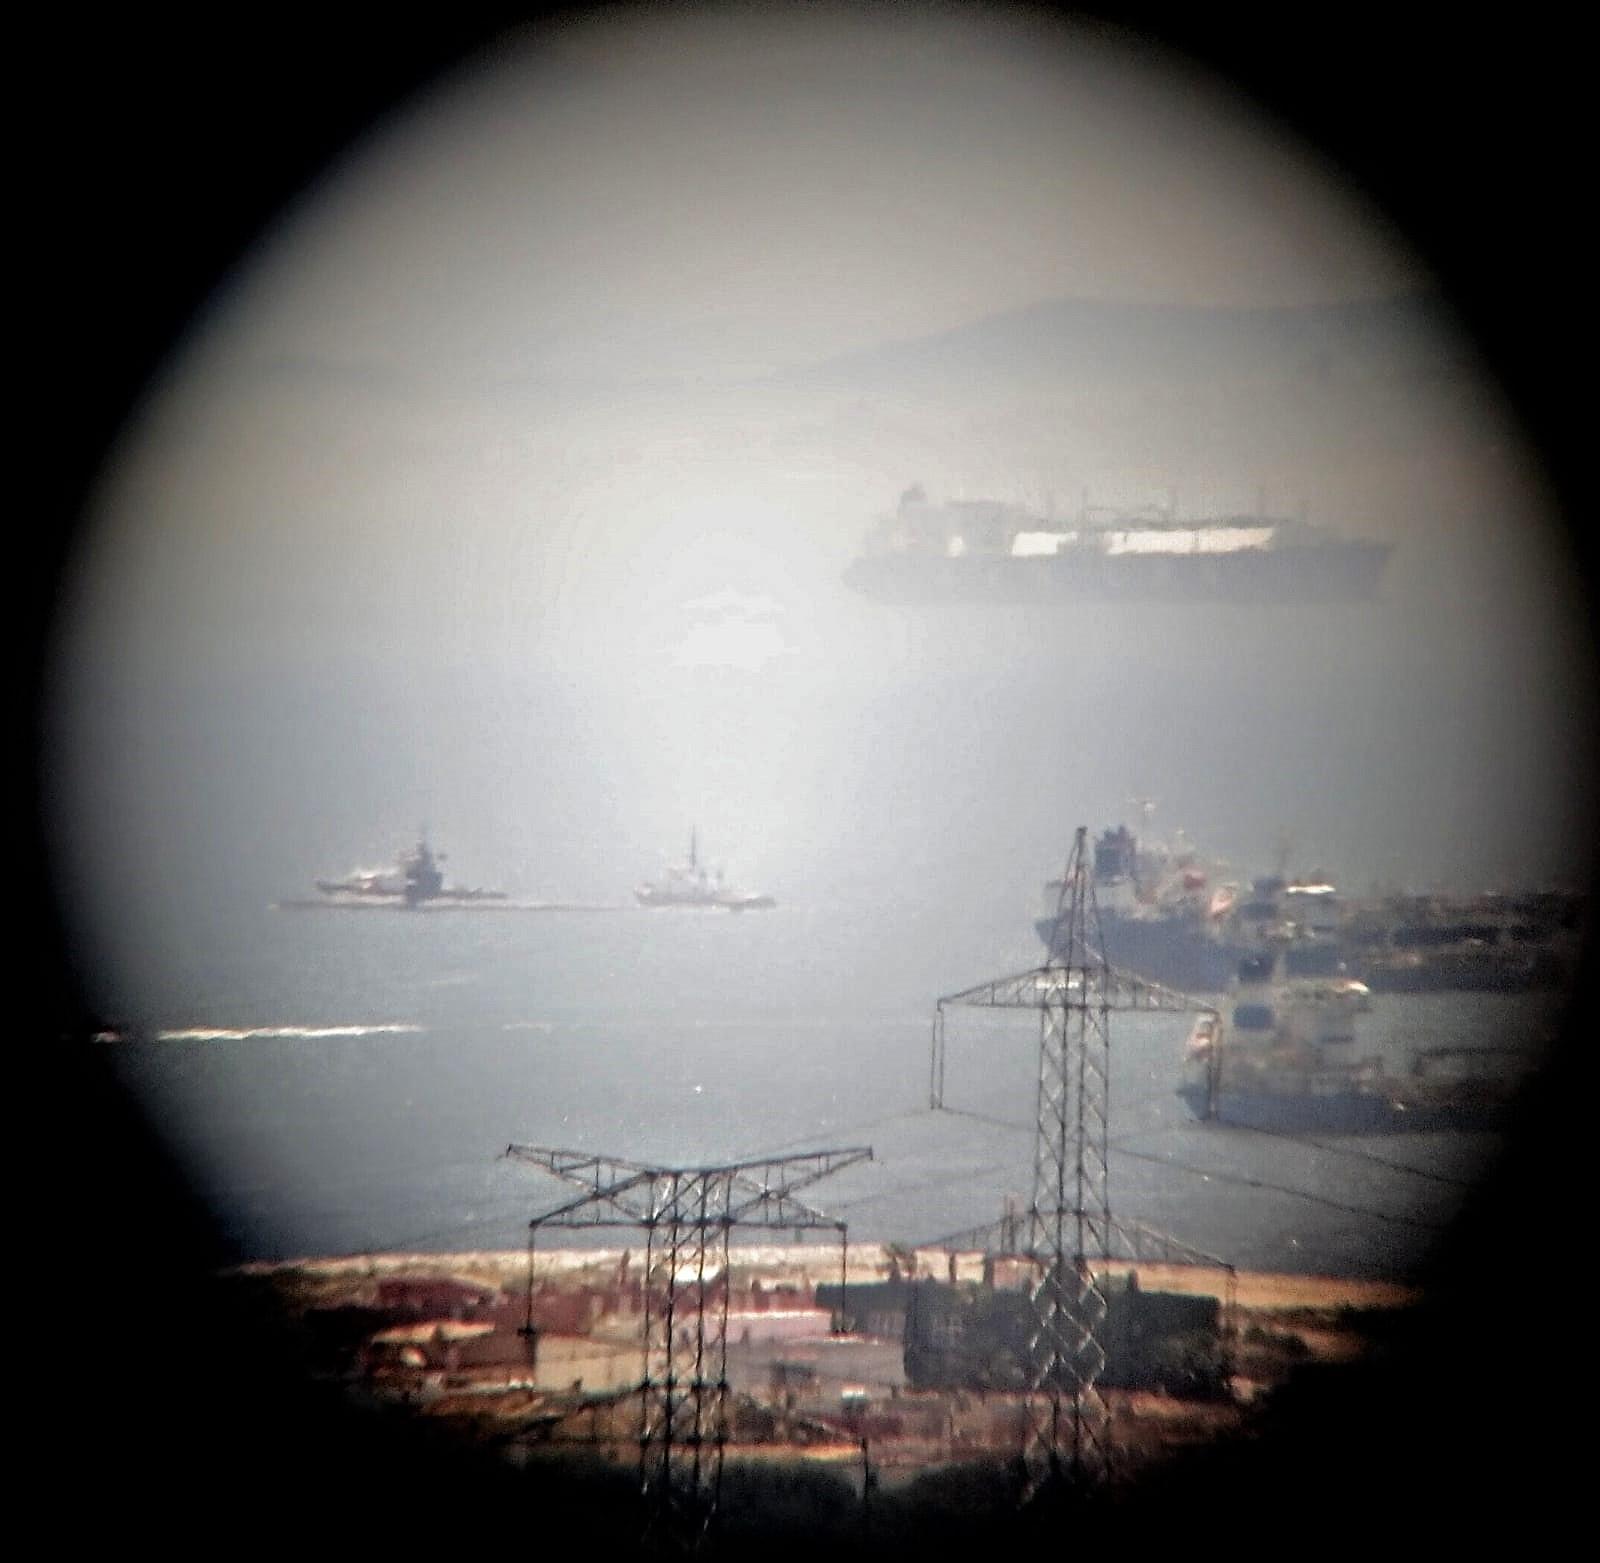 El submarino 'USS Olympia' está en visita programada